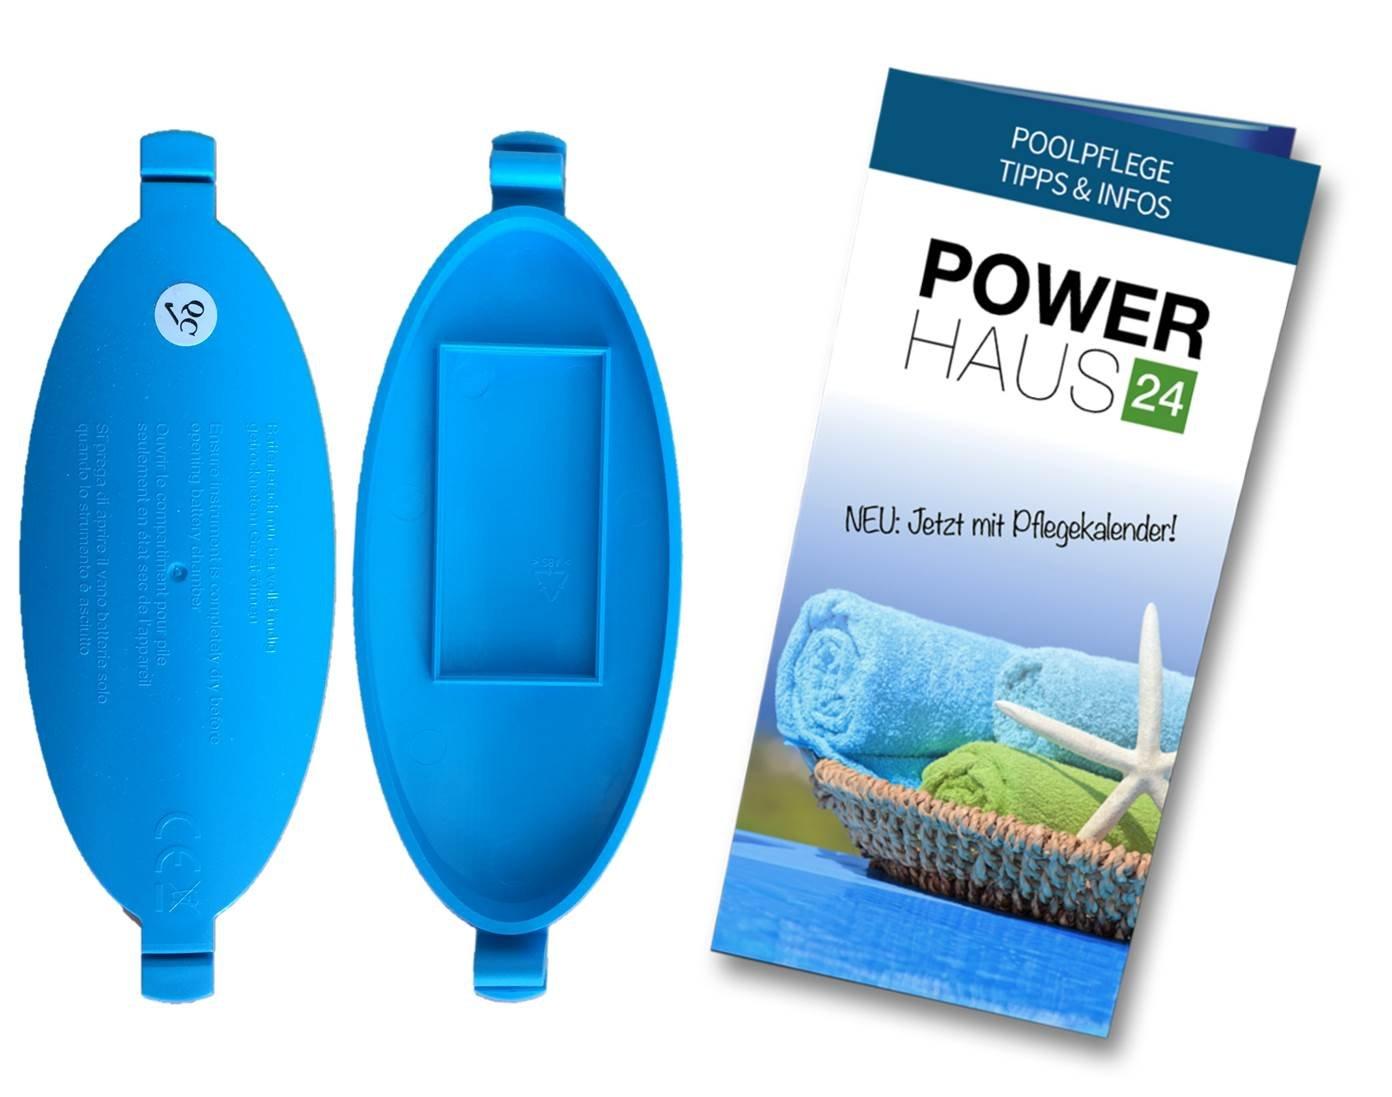 Batteriefachdeckel f/ür PoolScan und Suba II mit POWERHAUS24 Pflegefibel